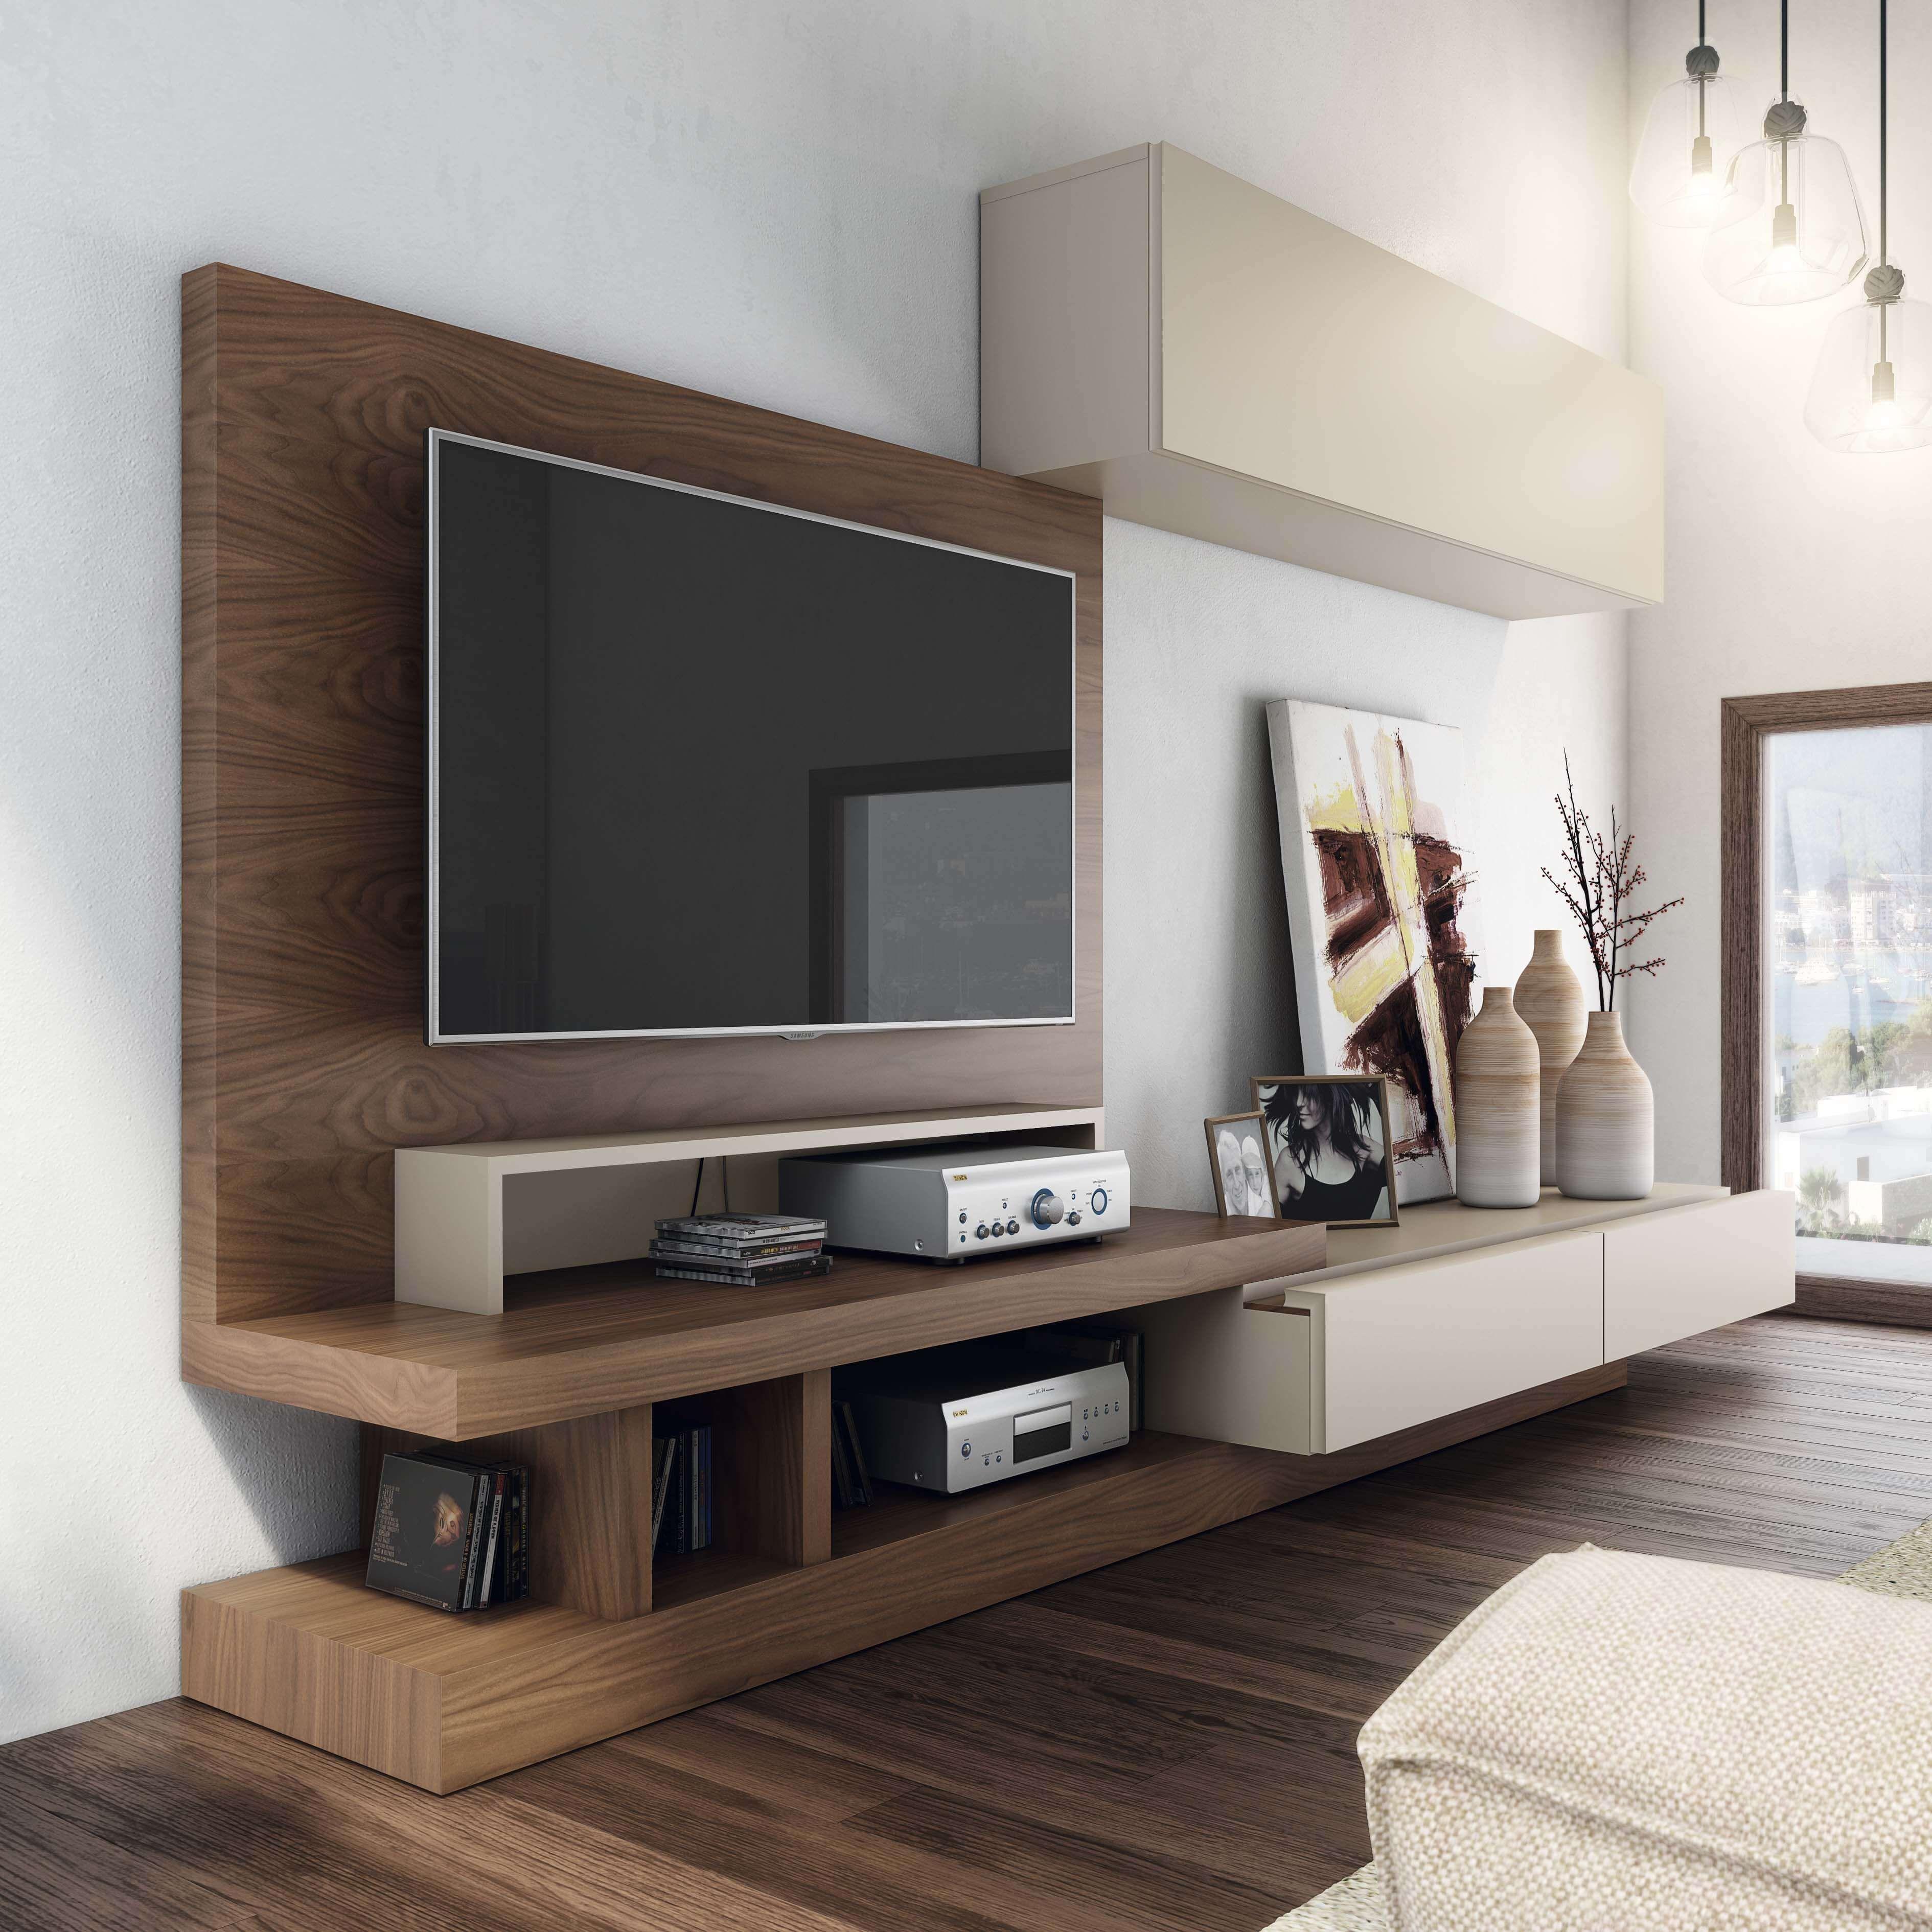 Tv Display Unit Ideas